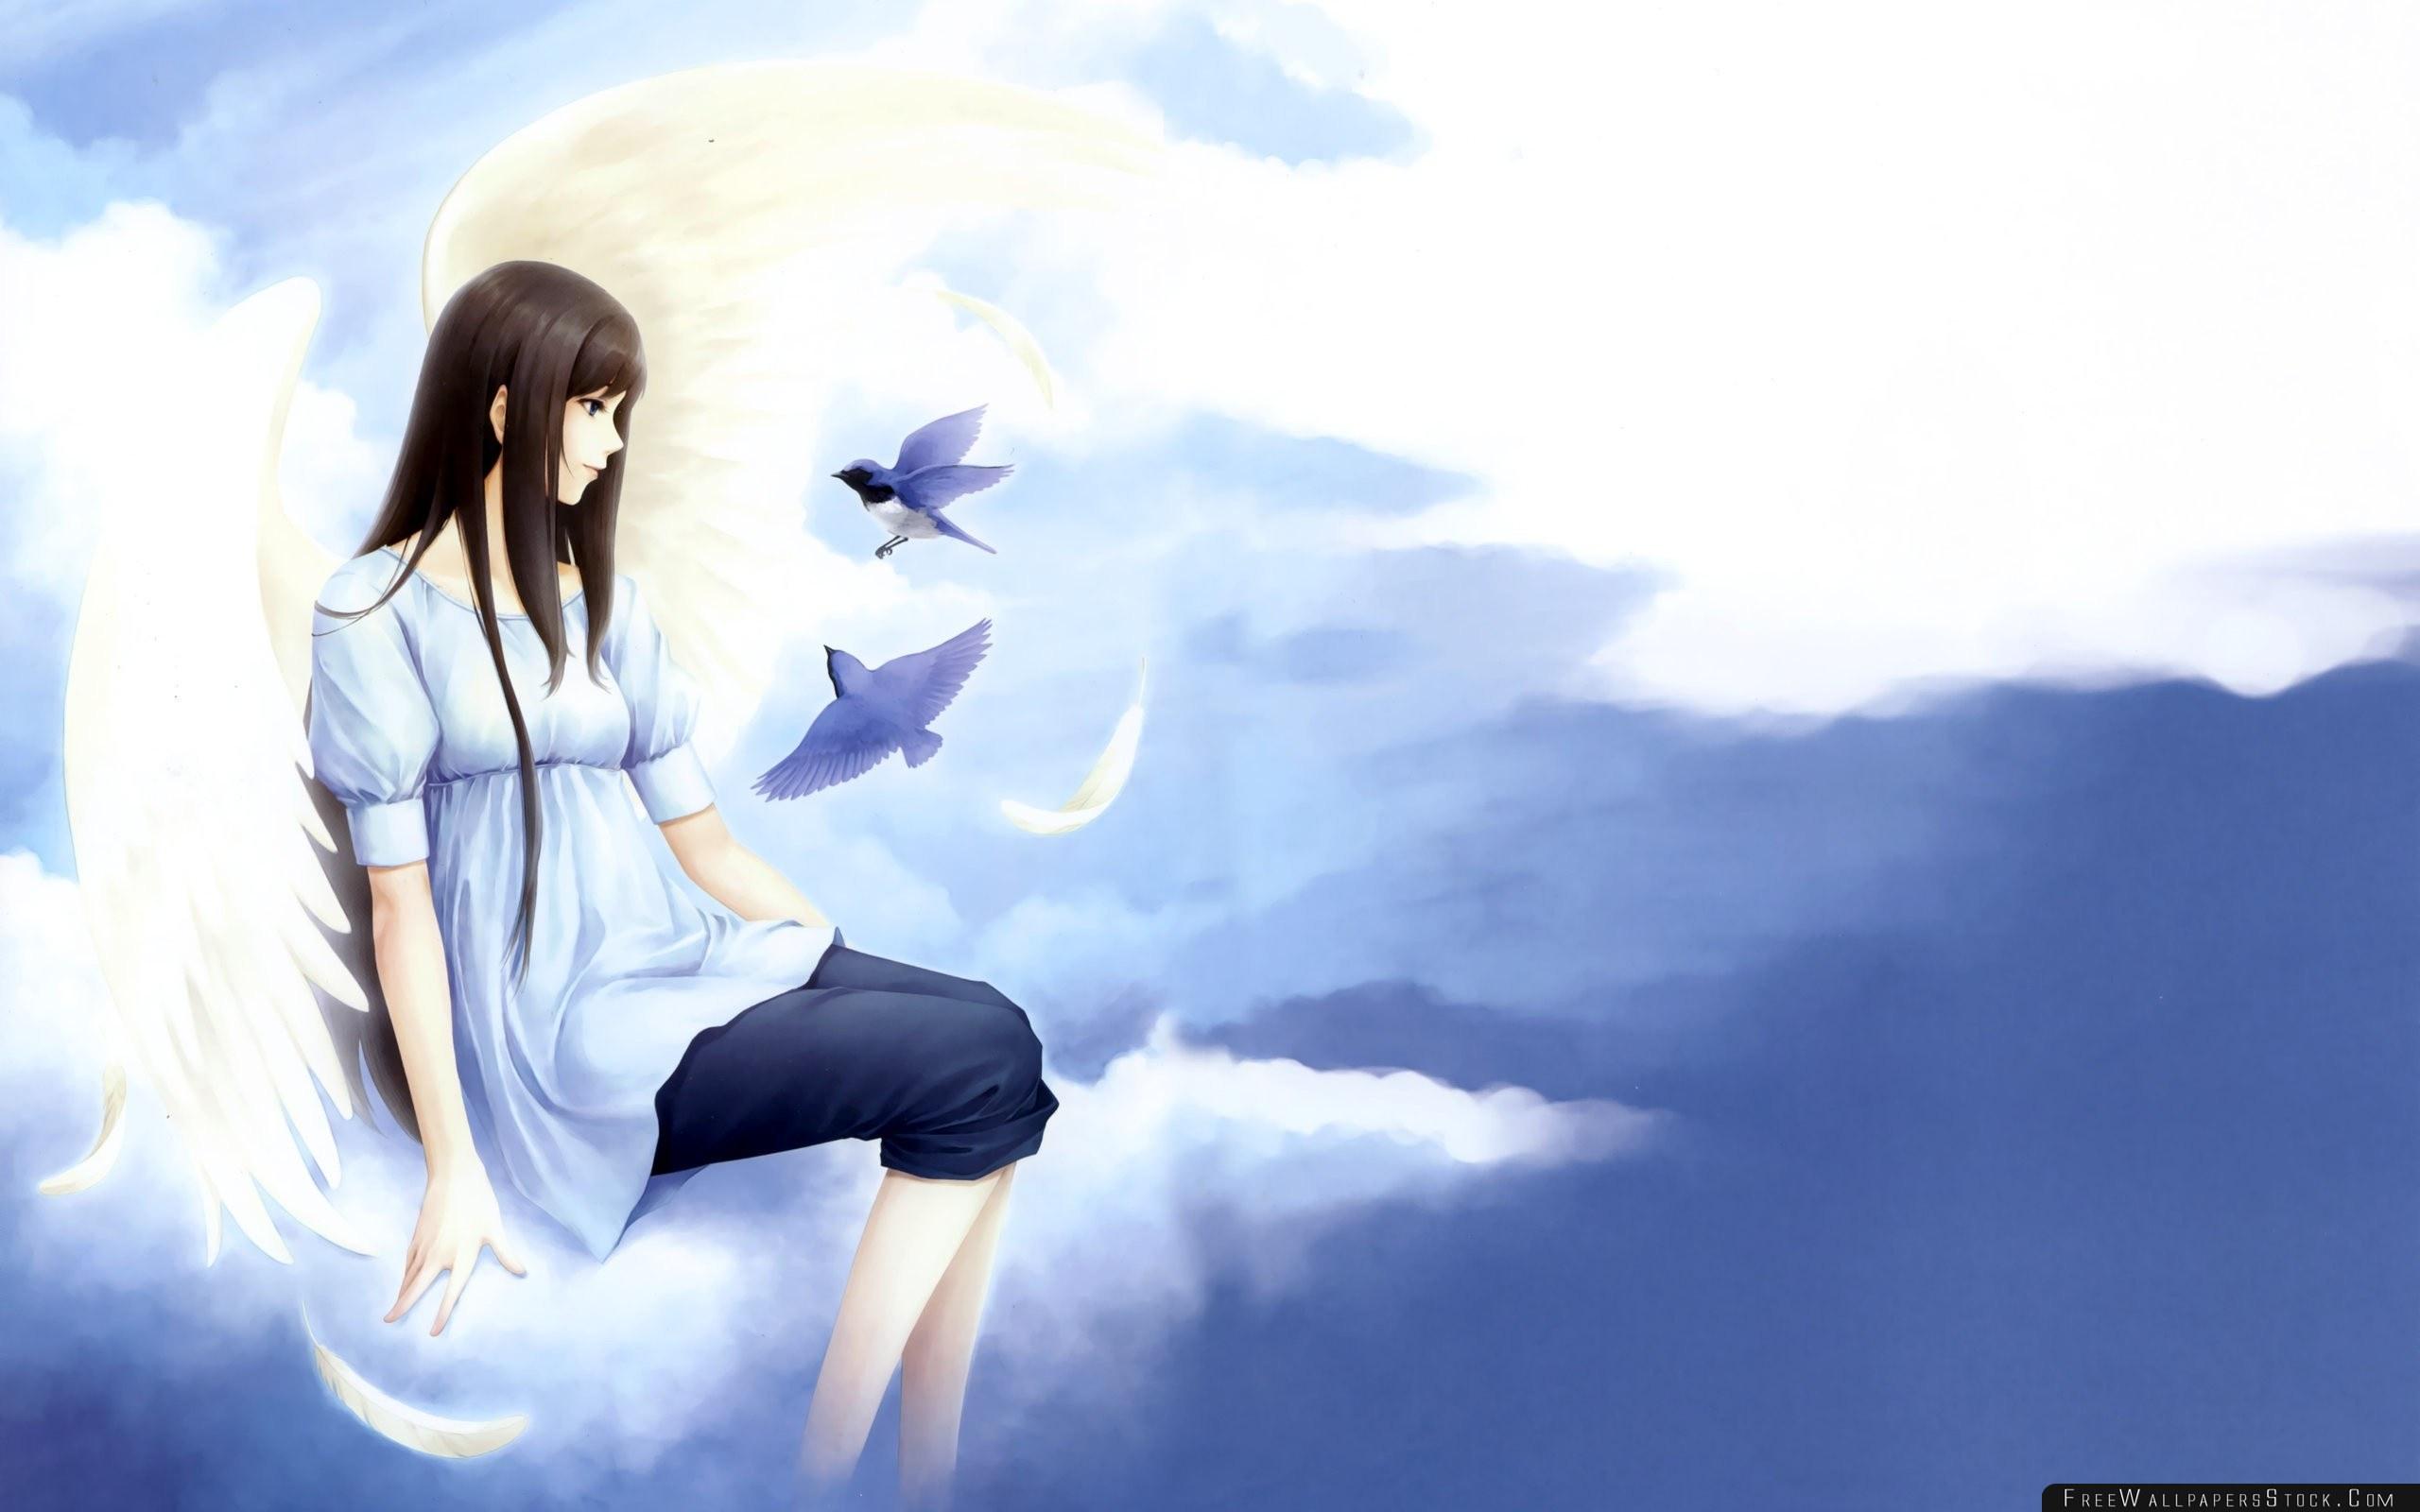 Download Free Wallpaper Anime Girl Brunette Sky Birds Flying